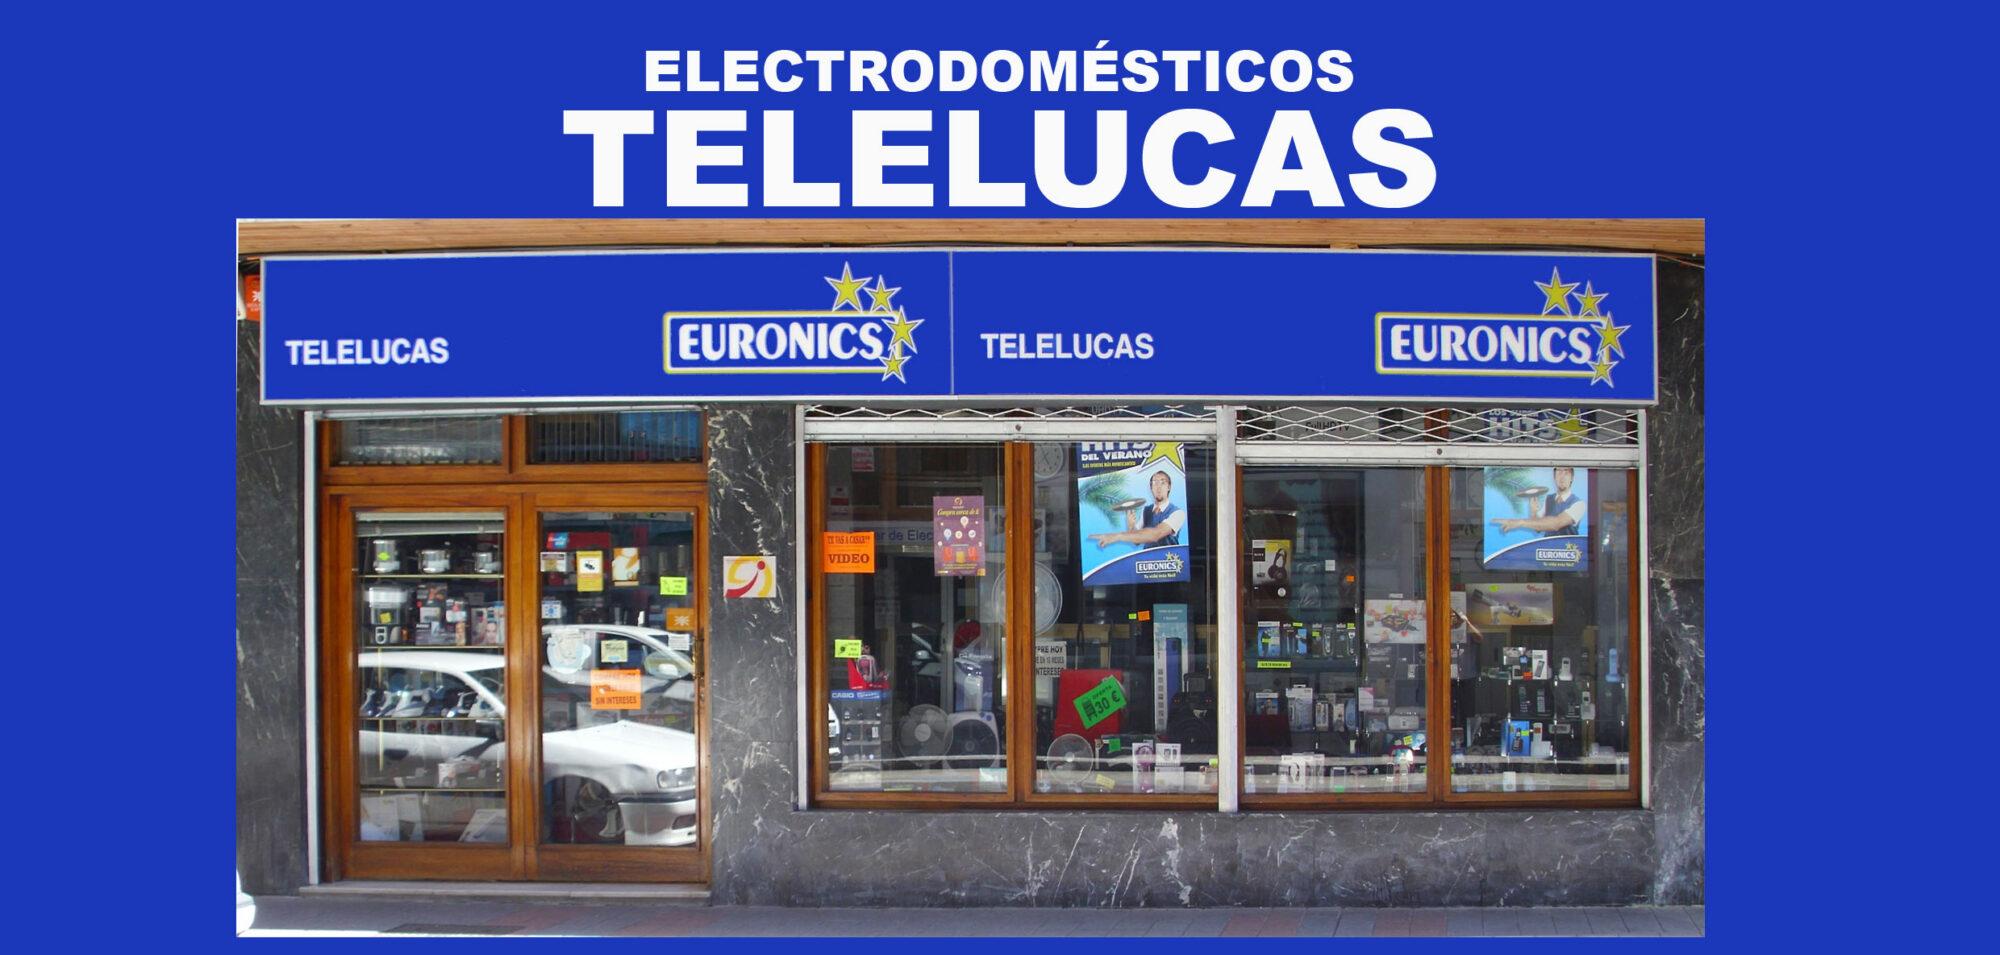 TELELUCAS ELECTRODOMESTICOS